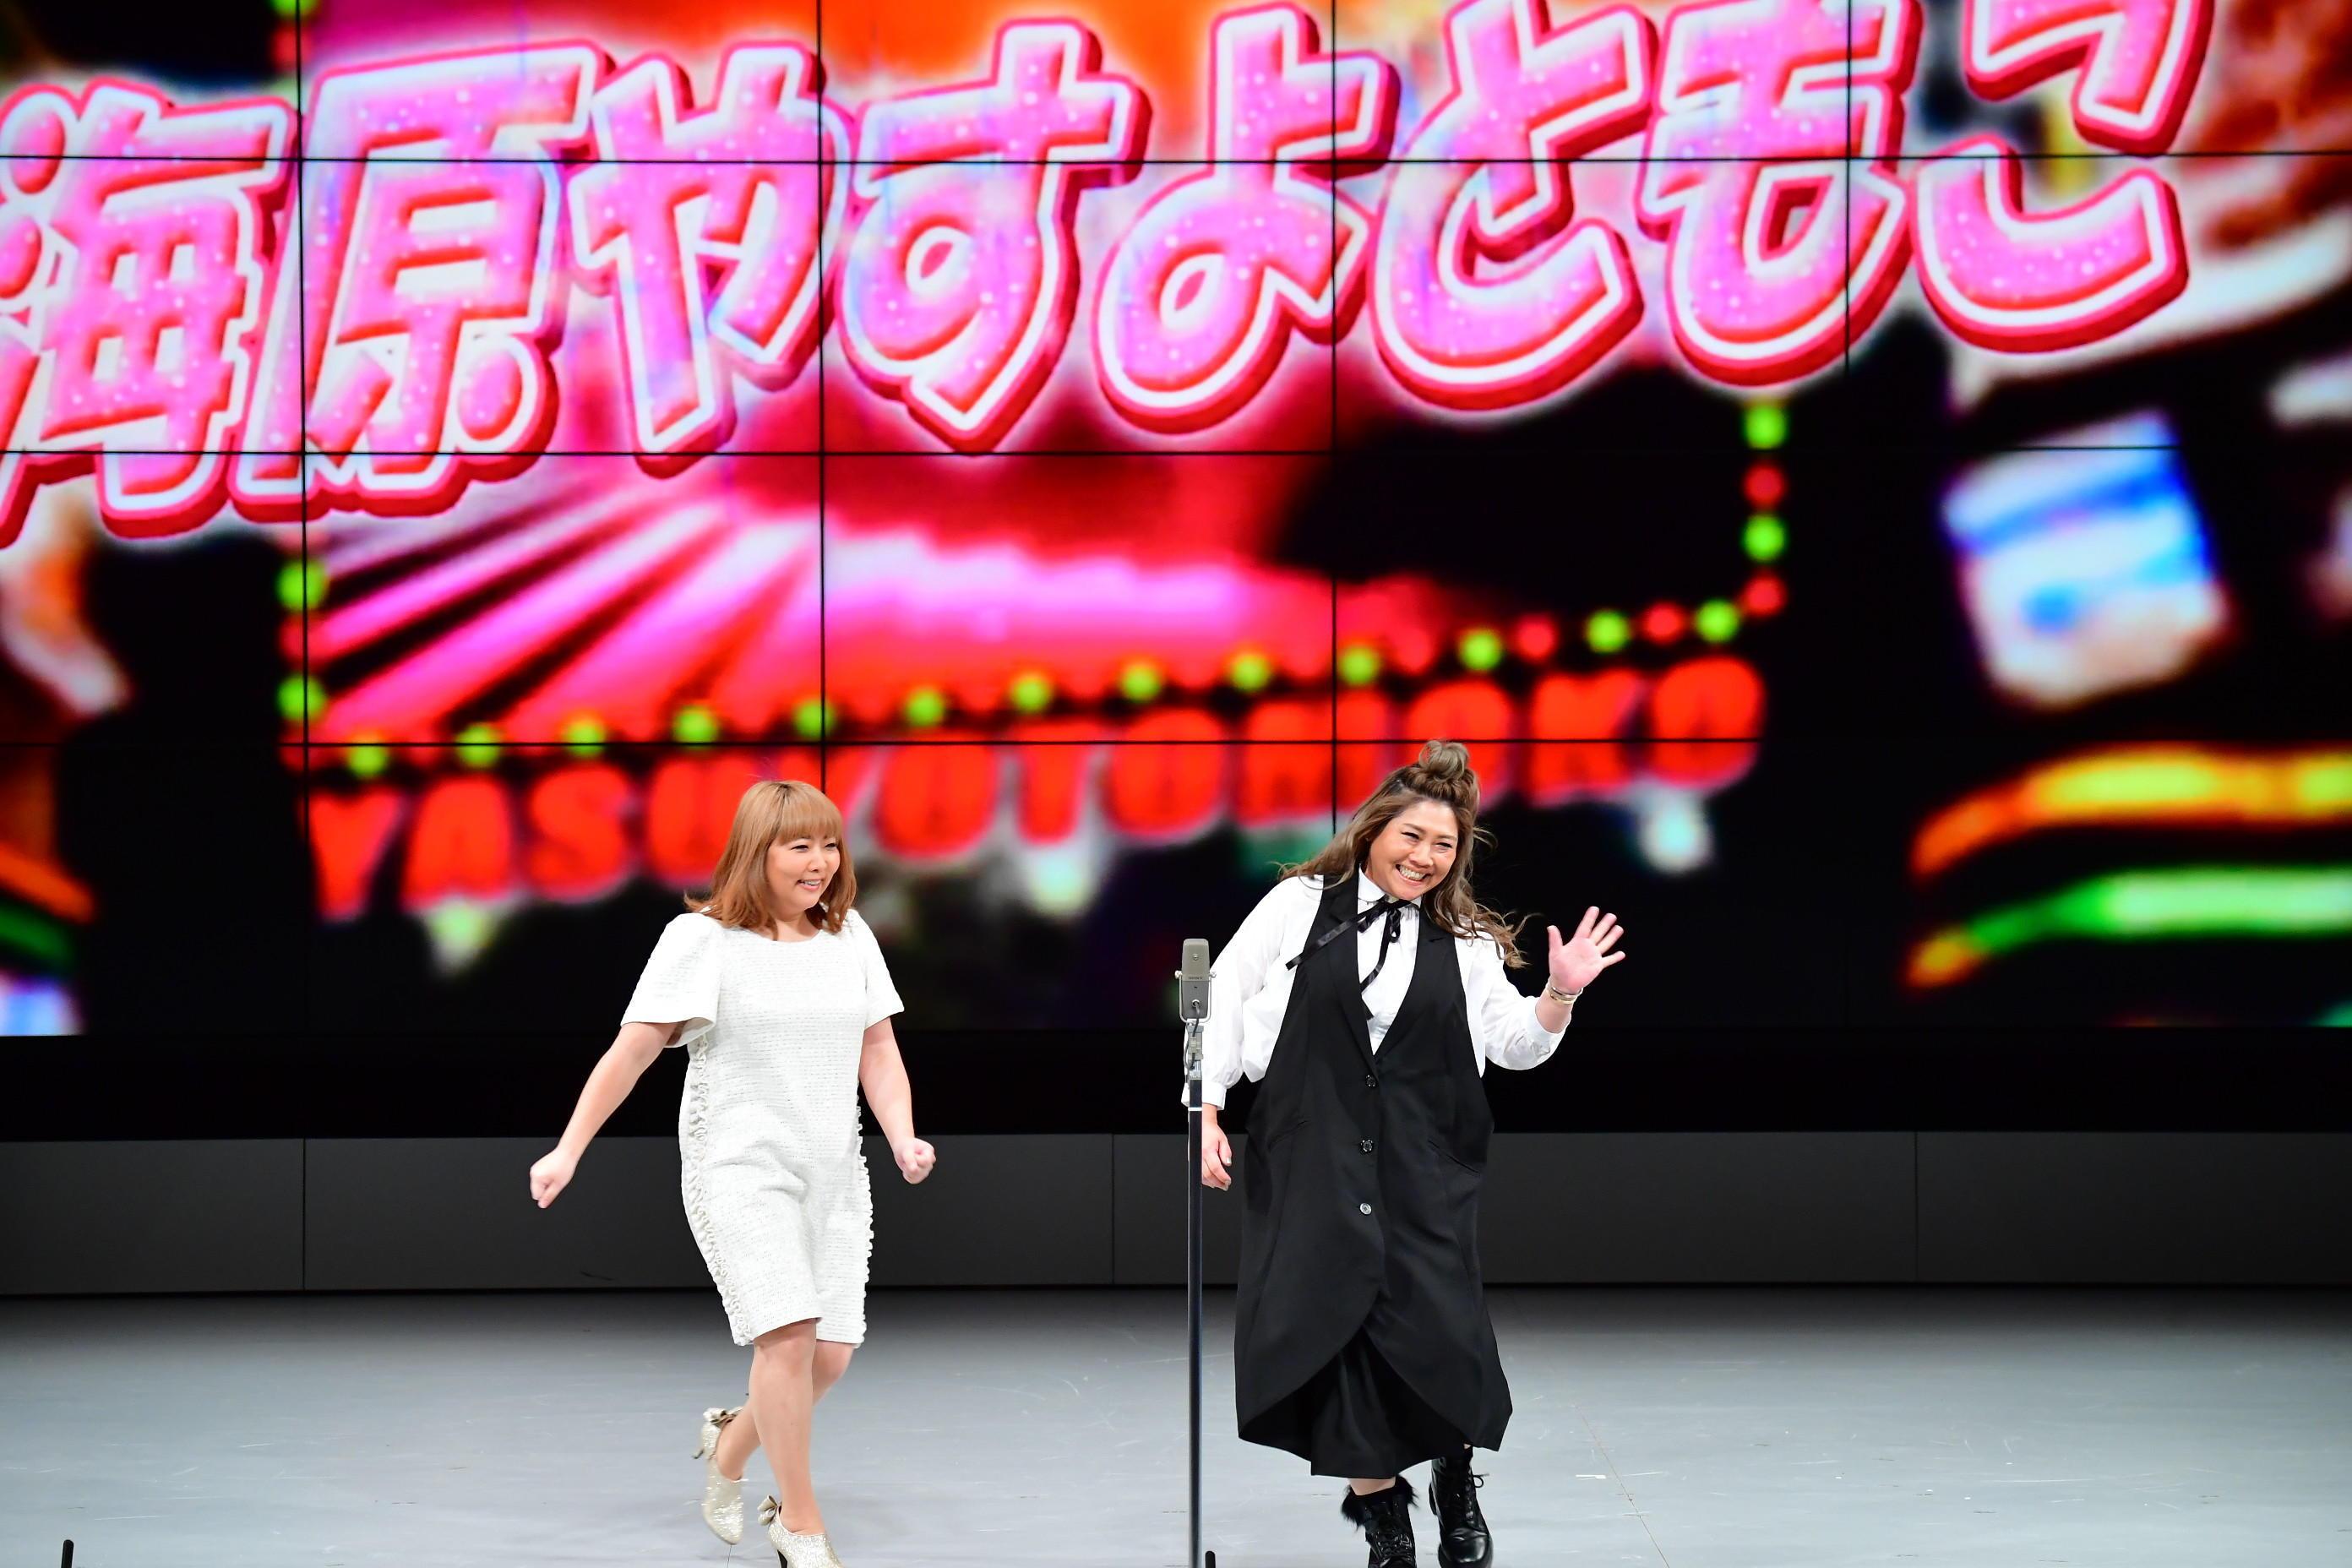 http://news.yoshimoto.co.jp/20171221164337-87a3770718c15d9b6b9558e91c48f96bcc92e45d.jpg